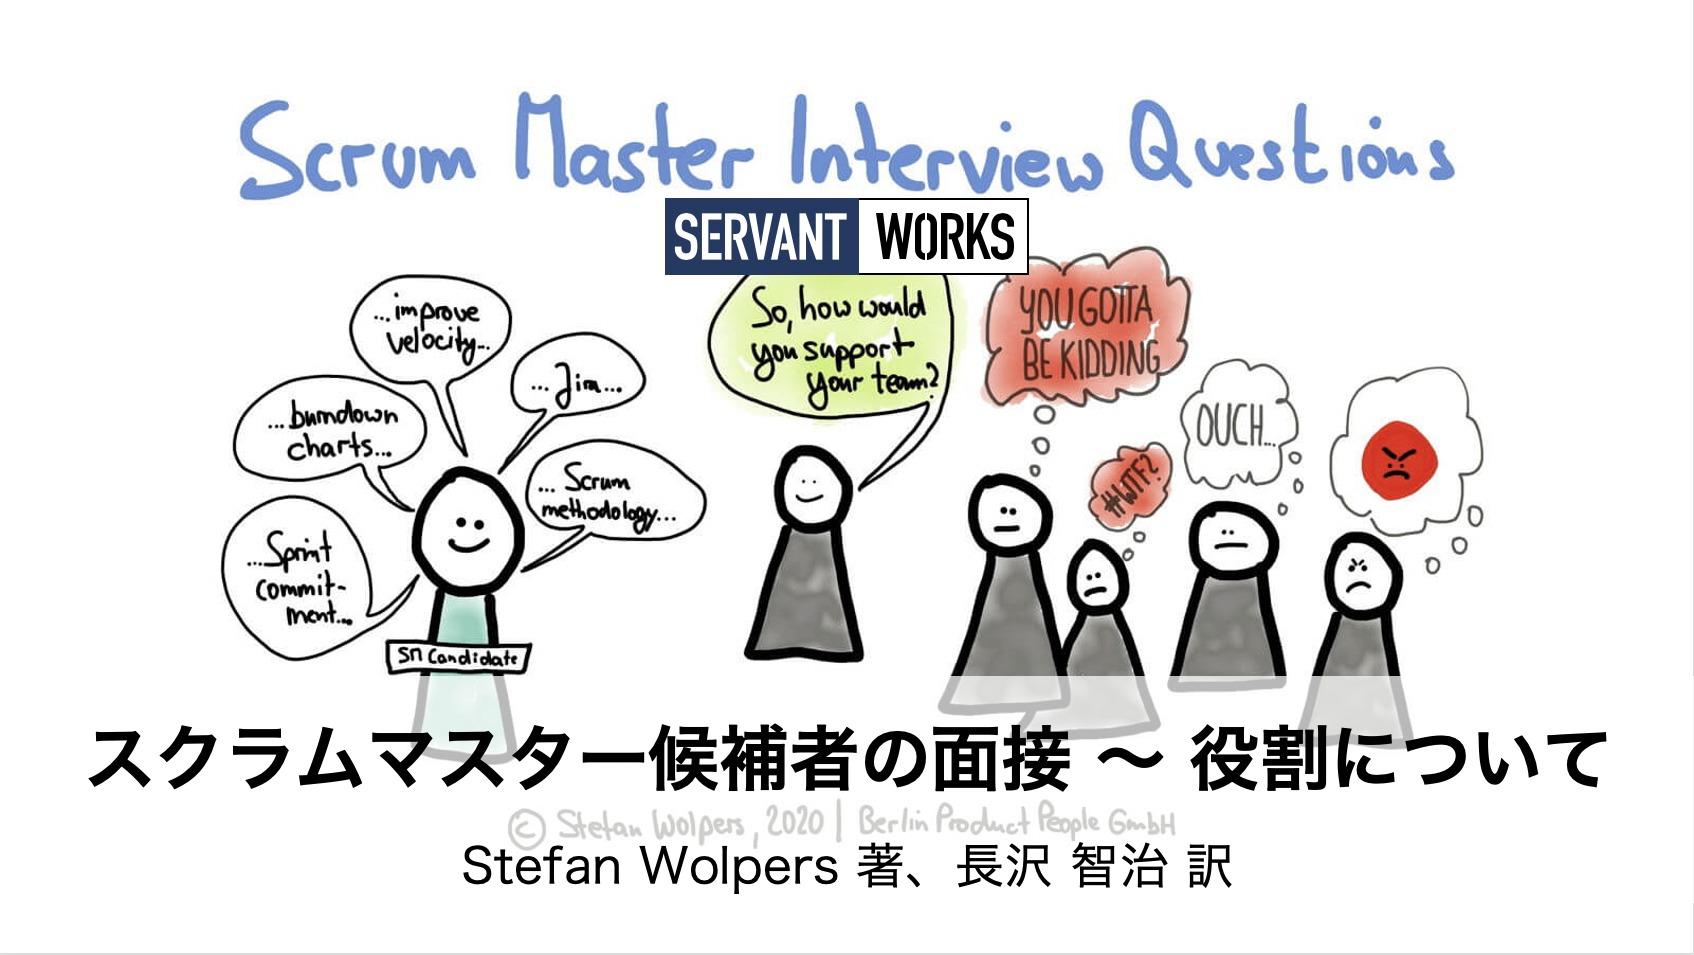 スクラムマスター候補者の面接 (1)〜 役割について